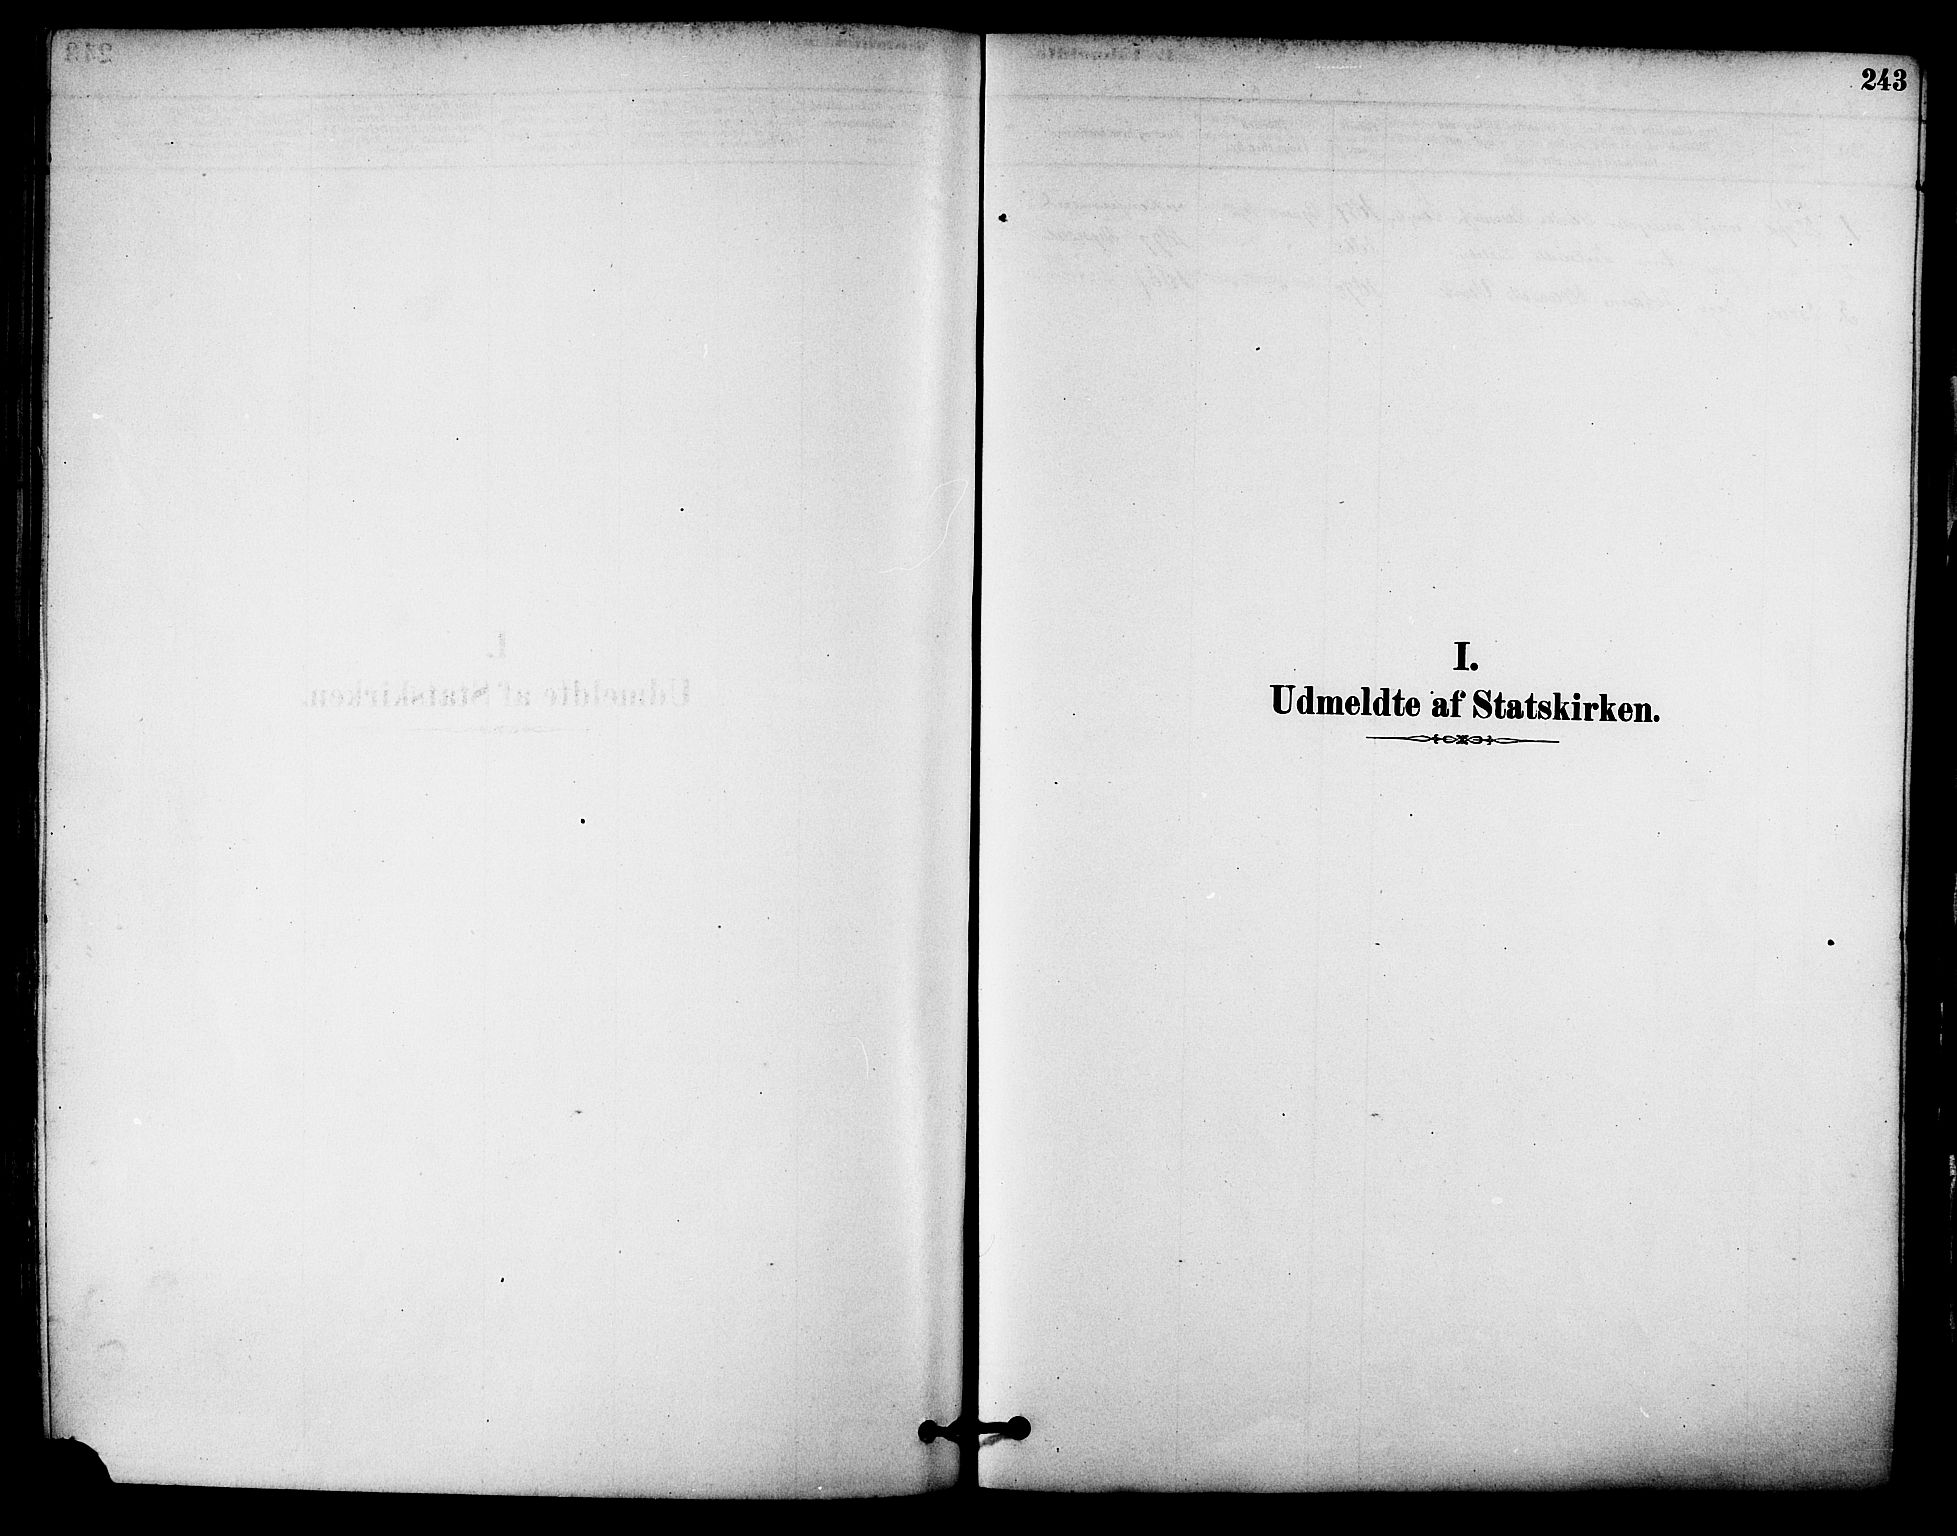 SAT, Ministerialprotokoller, klokkerbøker og fødselsregistre - Sør-Trøndelag, 612/L0378: Ministerialbok nr. 612A10, 1878-1897, s. 243